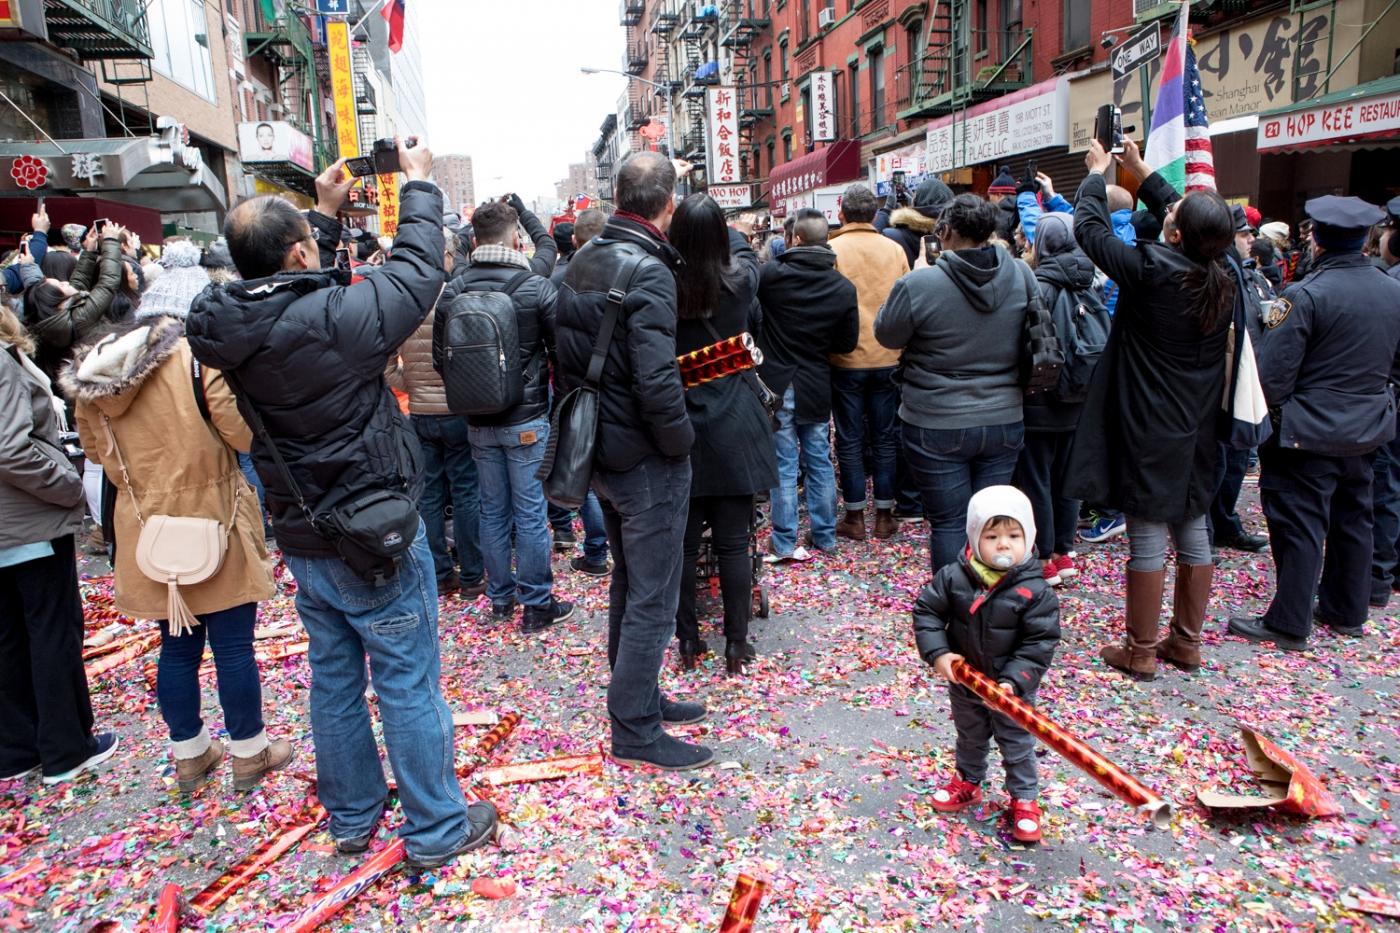 美國春節好熱鬧    ----紐約曼哈頓唐人街大年初一 20170128_图1-33